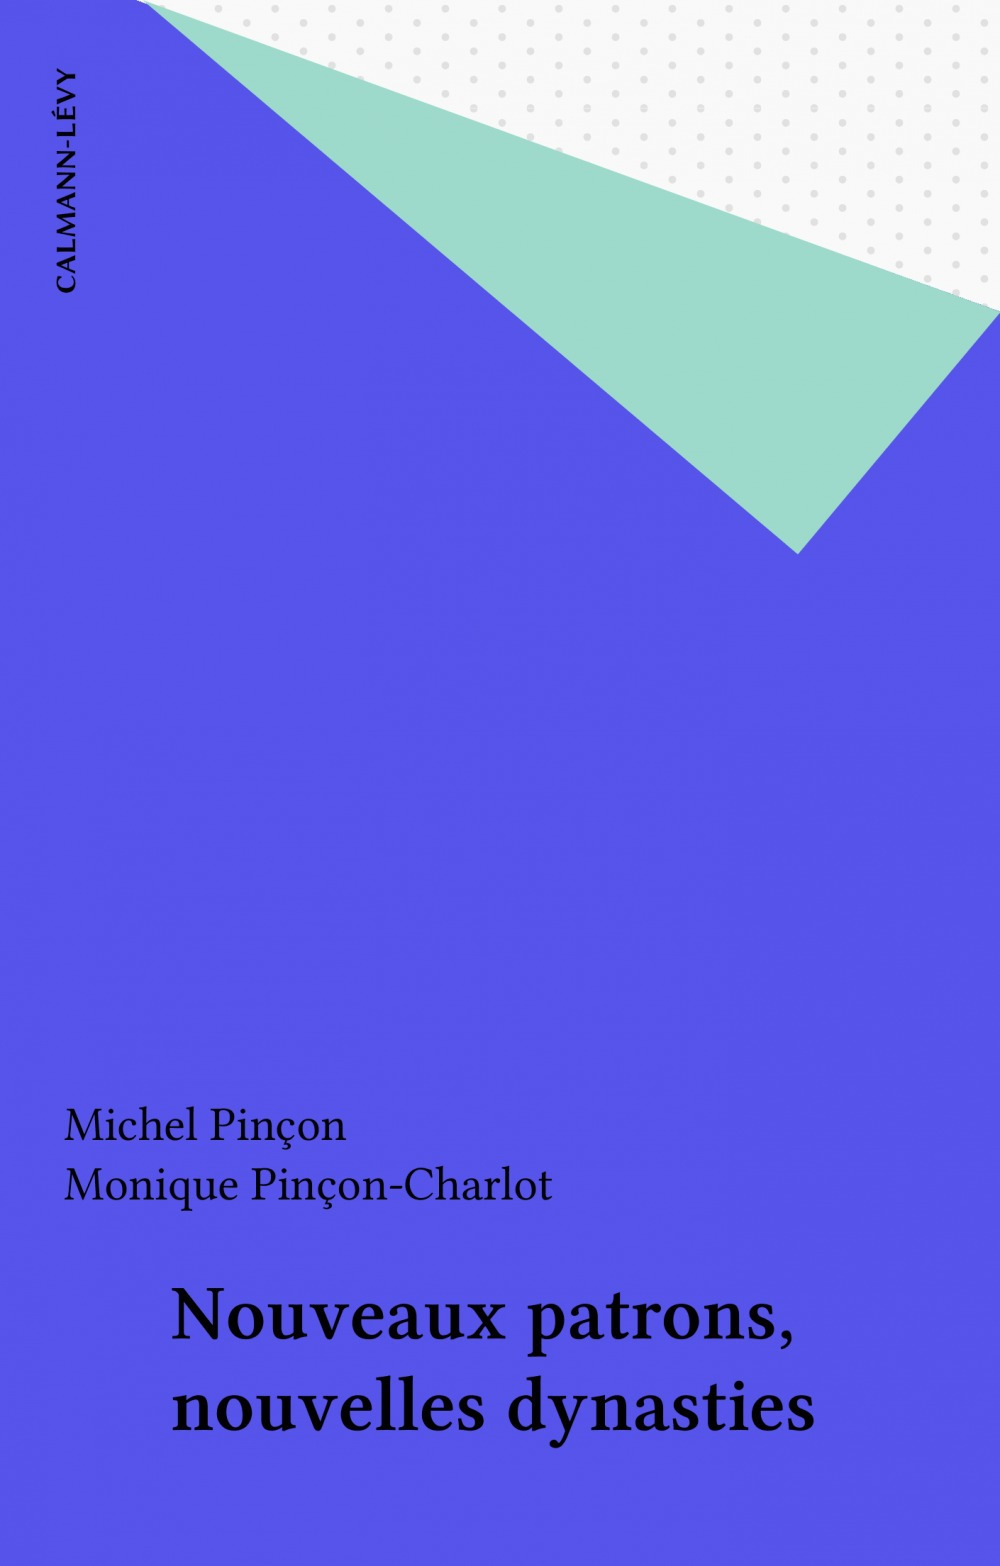 Monique Pinçon-Charlot Nouveaux patrons, nouvelles dynasties